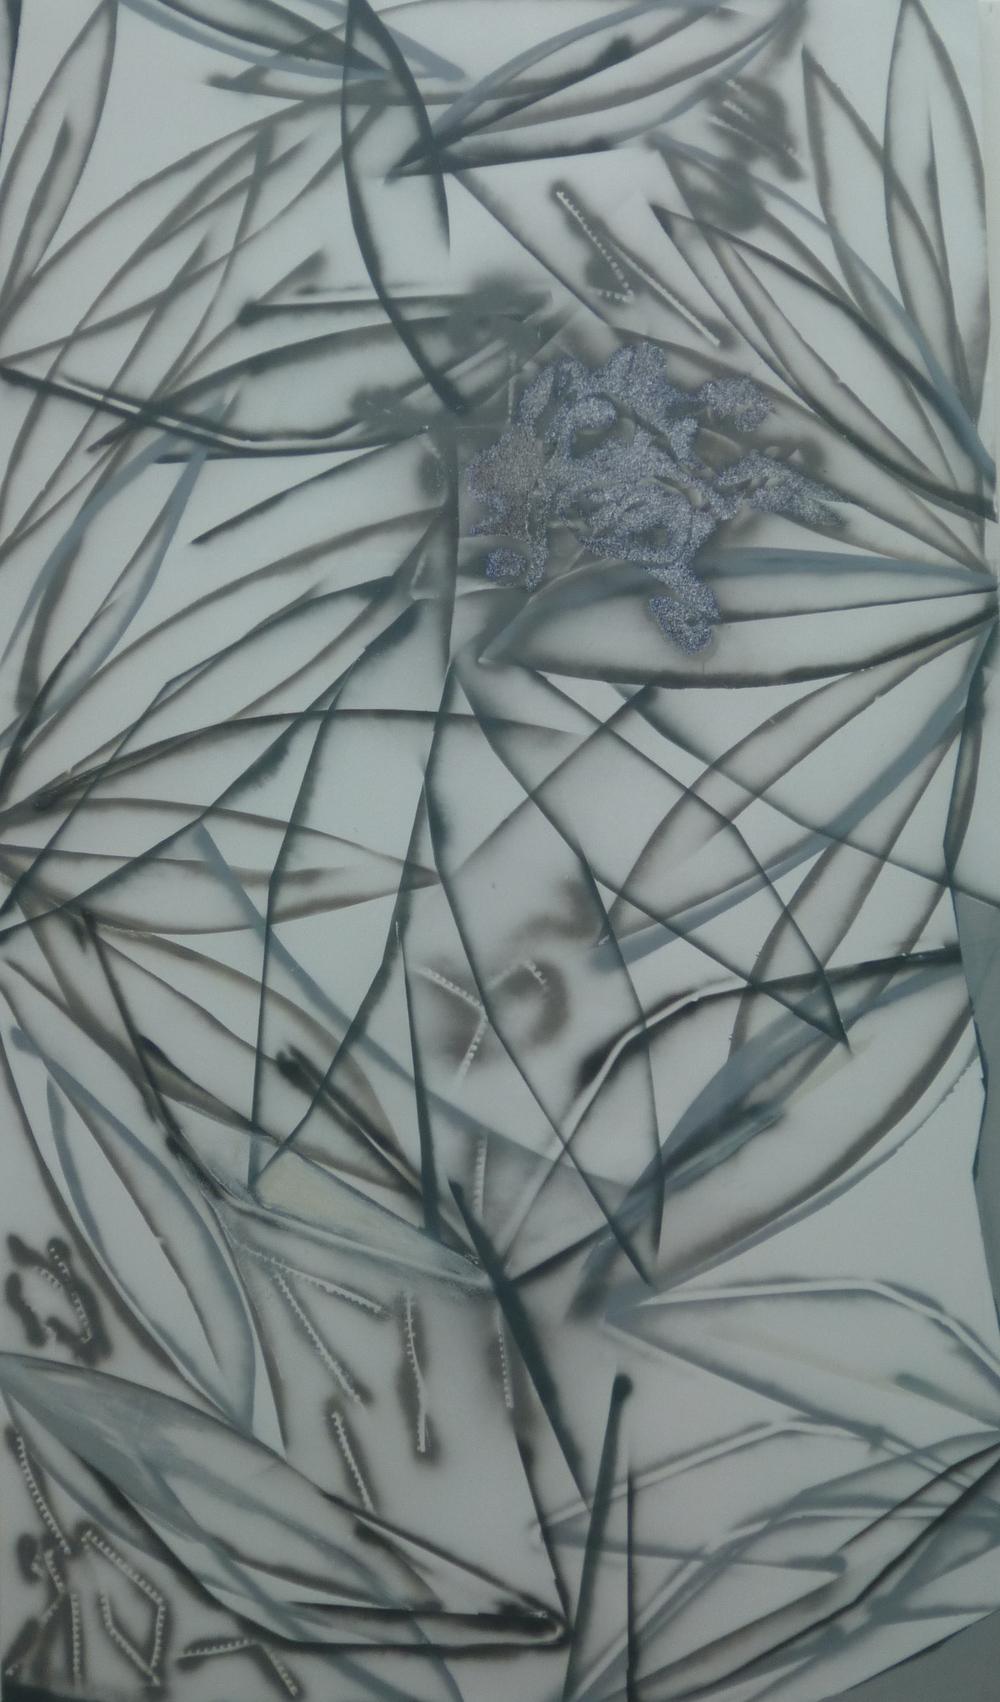 12.Ležím v trávě a vidím duši kytky, 2015, kombinovaná technika, 184 x 319